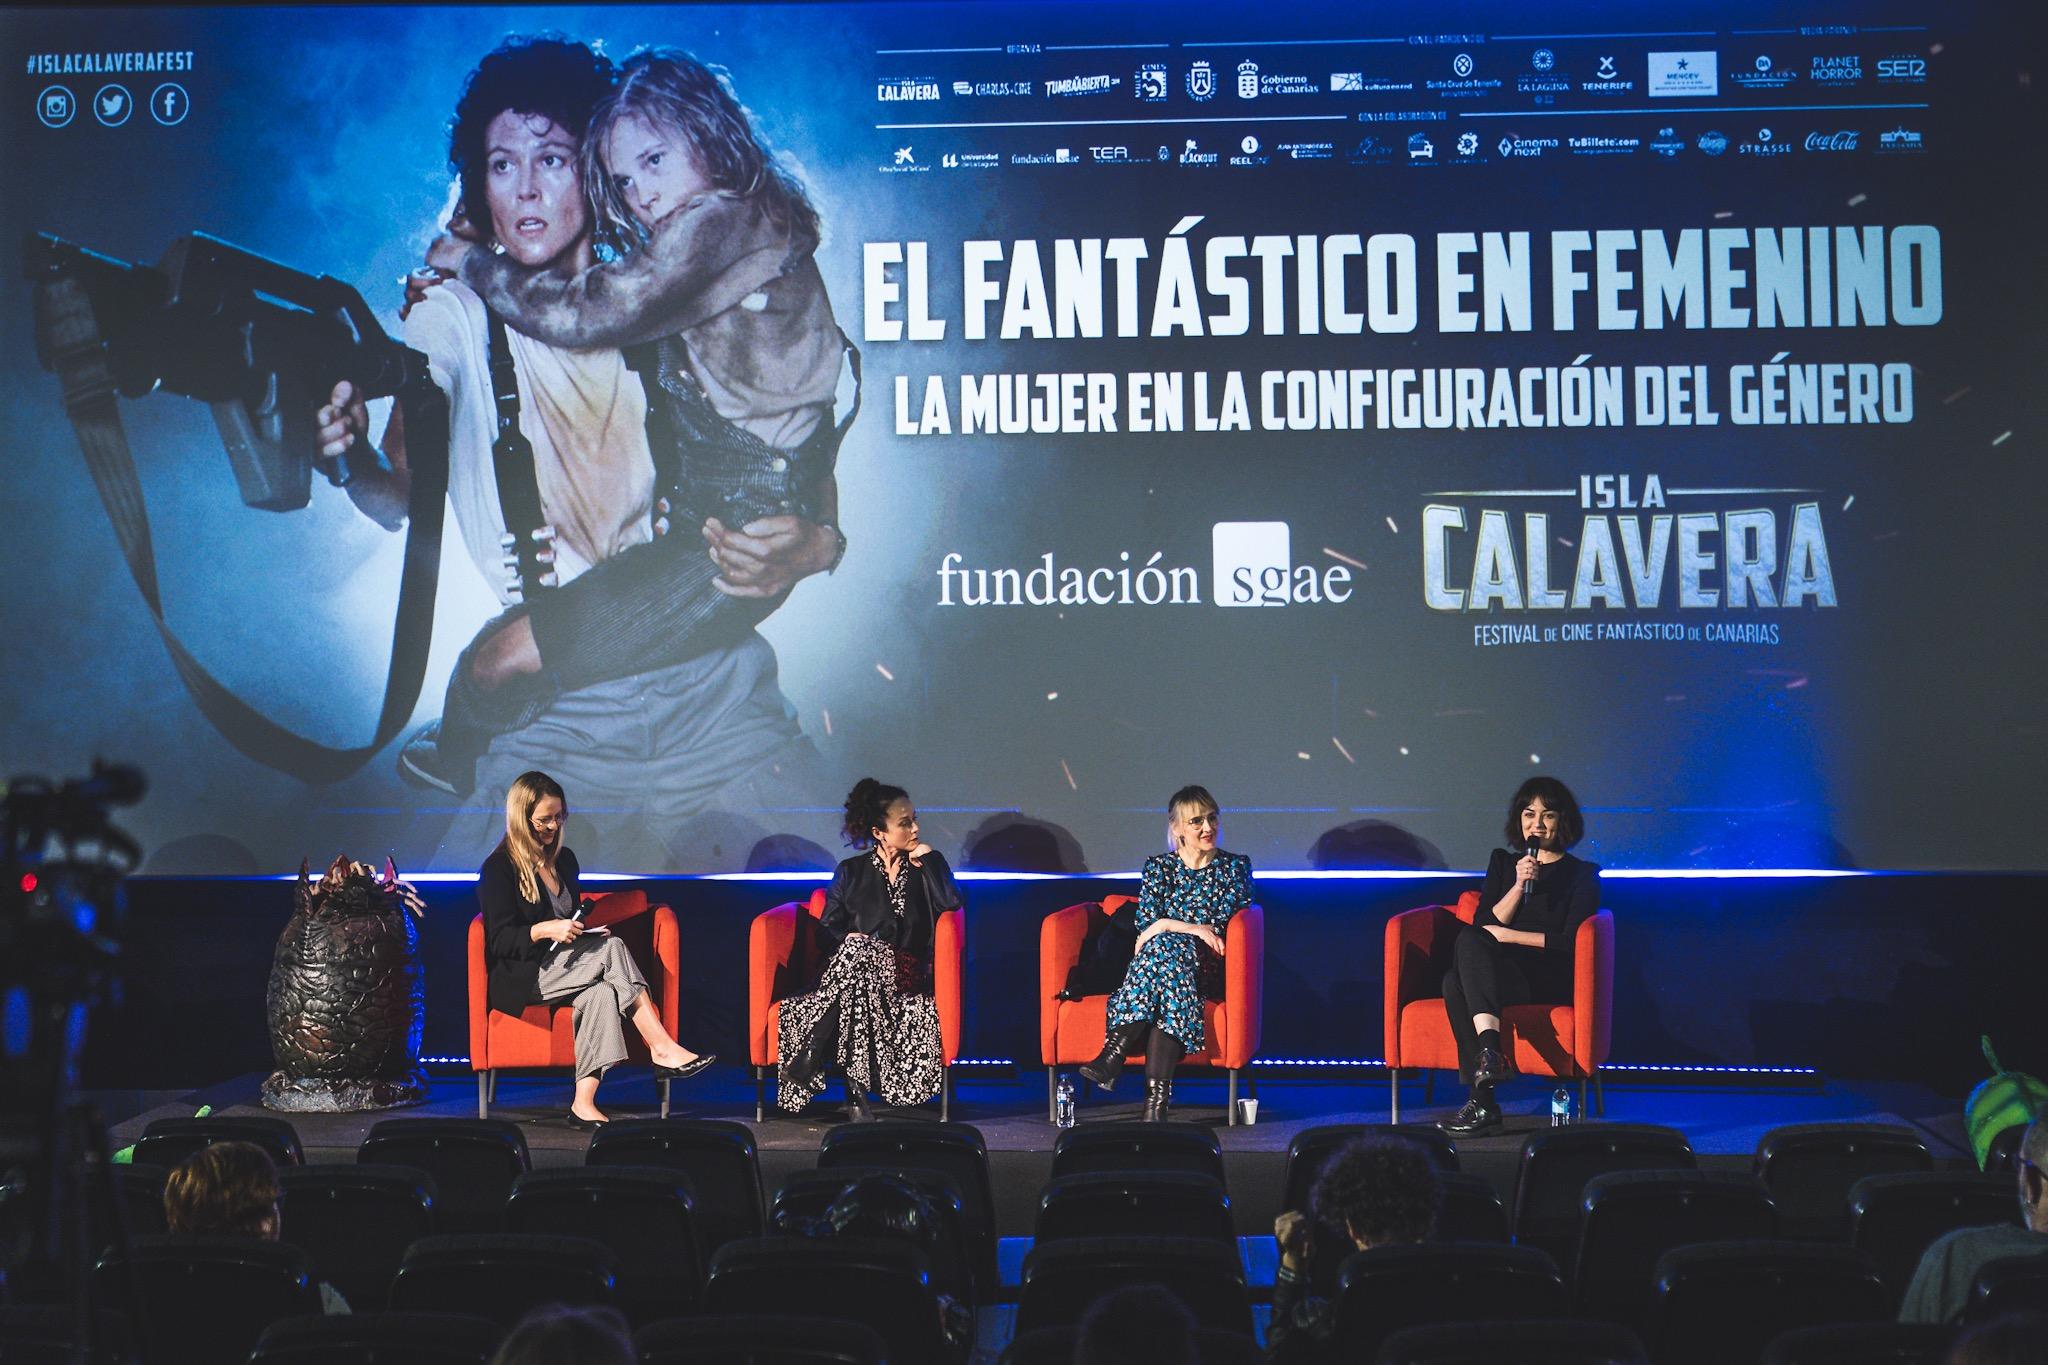 El fantástrico en Femenino. Vanesa Bocanegra, Paola Bontempi, Desireé de Fez y Norma Vila